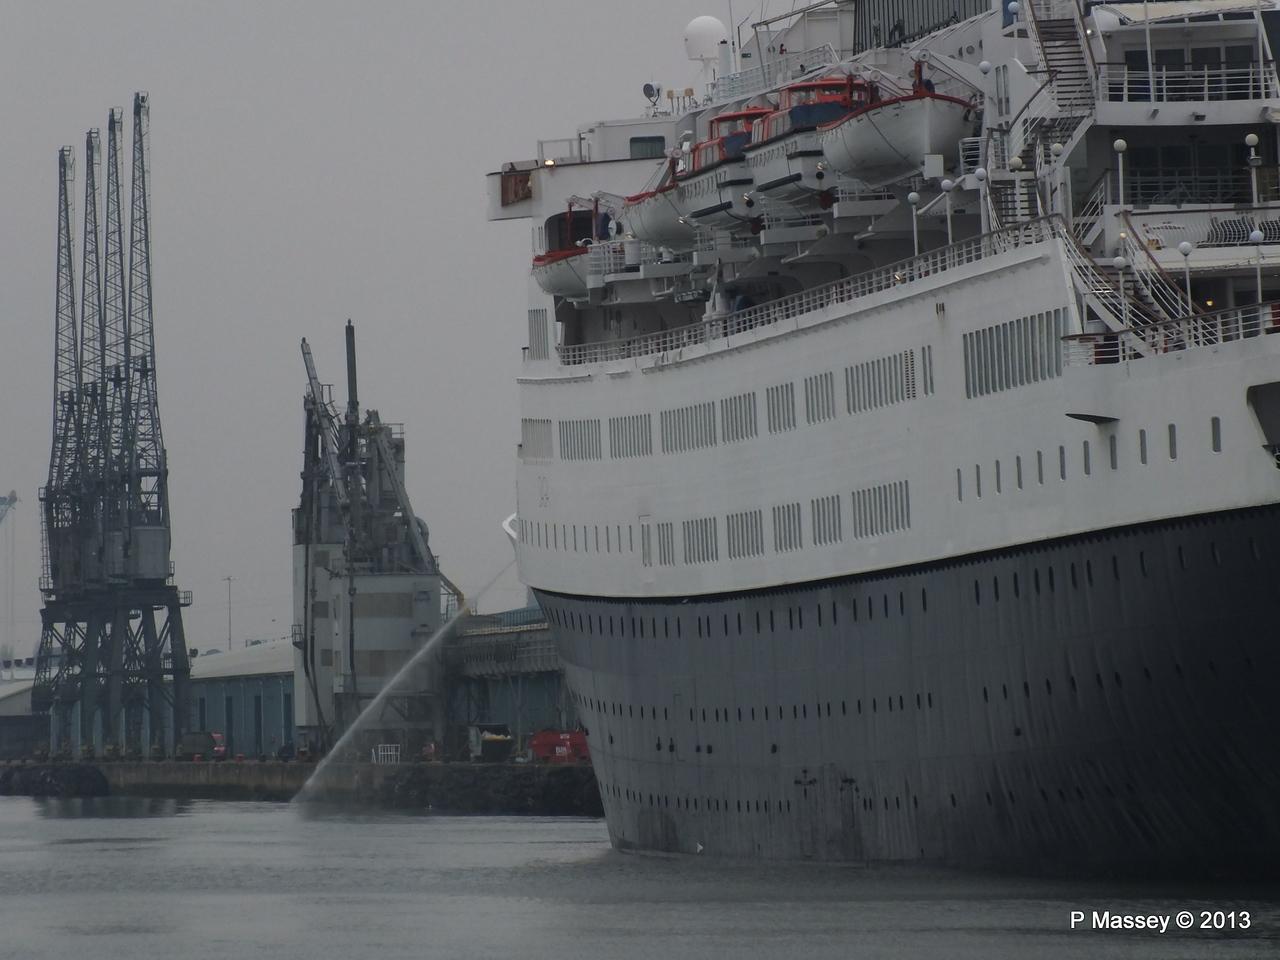 SAGA RUBY Southampton PDM 24-01-2013 11-06-48